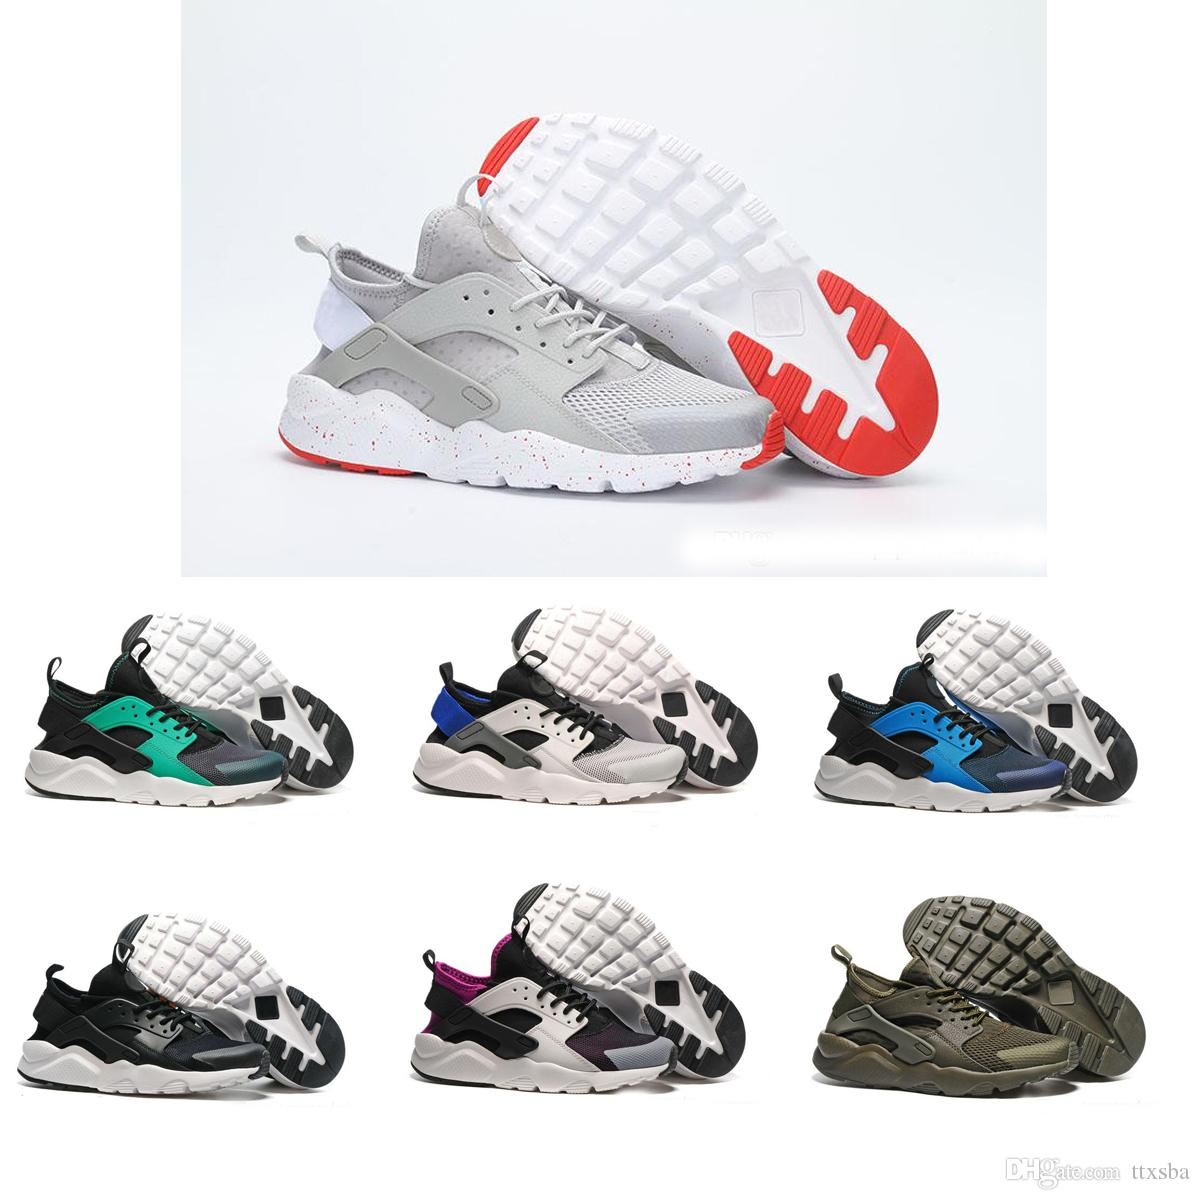 new style 9f4a0 b0e67 Compre 2017 Nike Air Huarache 1 2 3 I II III Nuevo Diseño Air Huarache 4 IV  Zapatos Casuales Para Hombres De Las Mujeres, Zapatillas De Deporte Huarache  ...